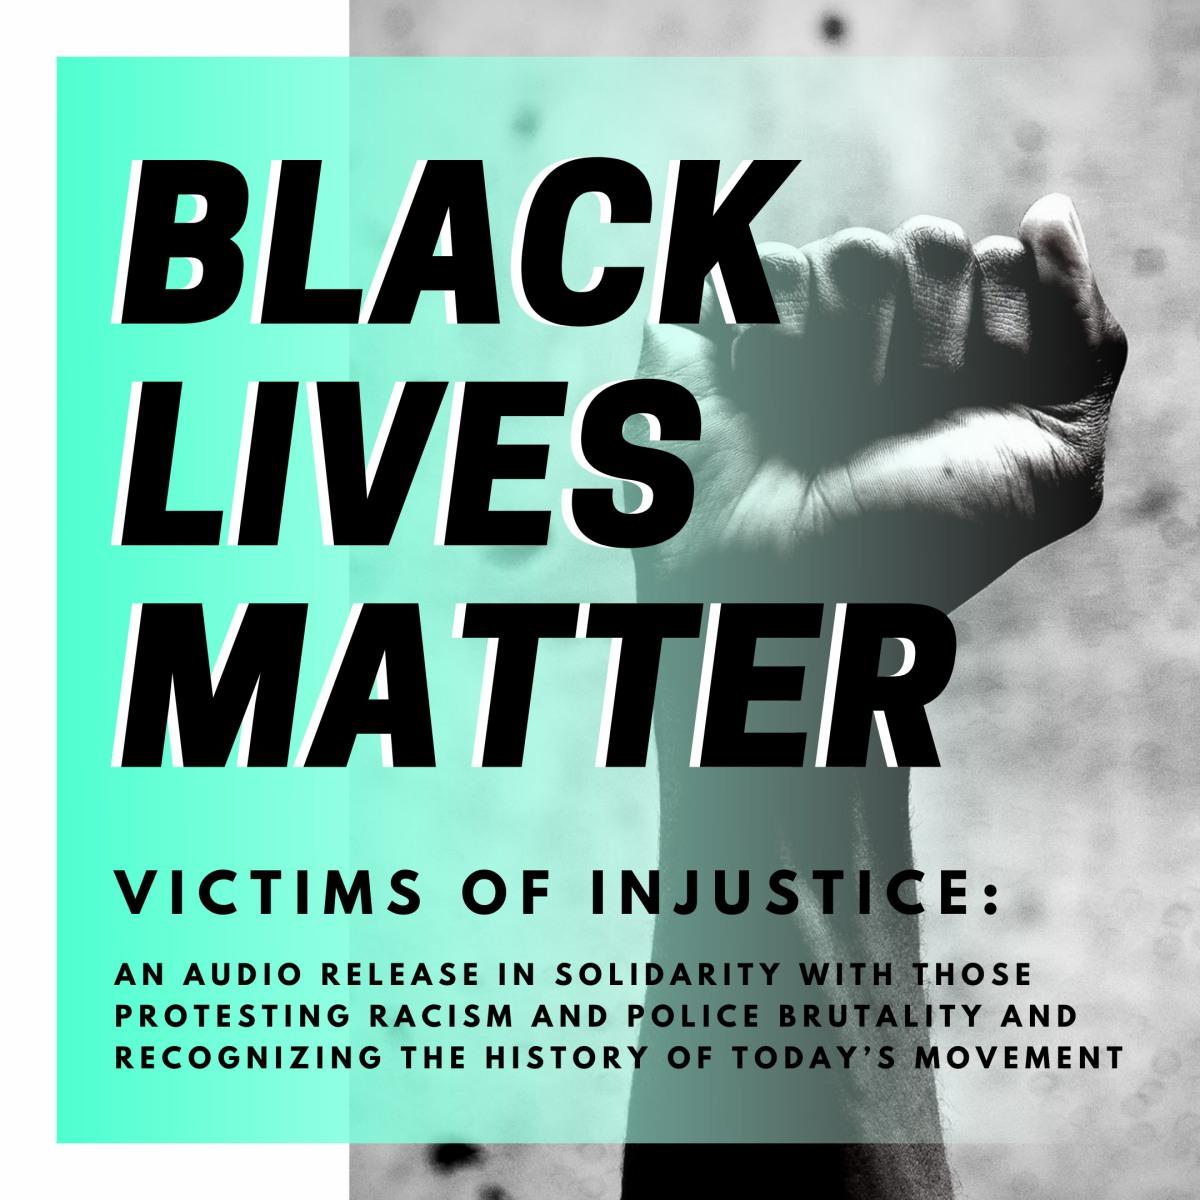 Victims of Injustice: Black LivesMatter